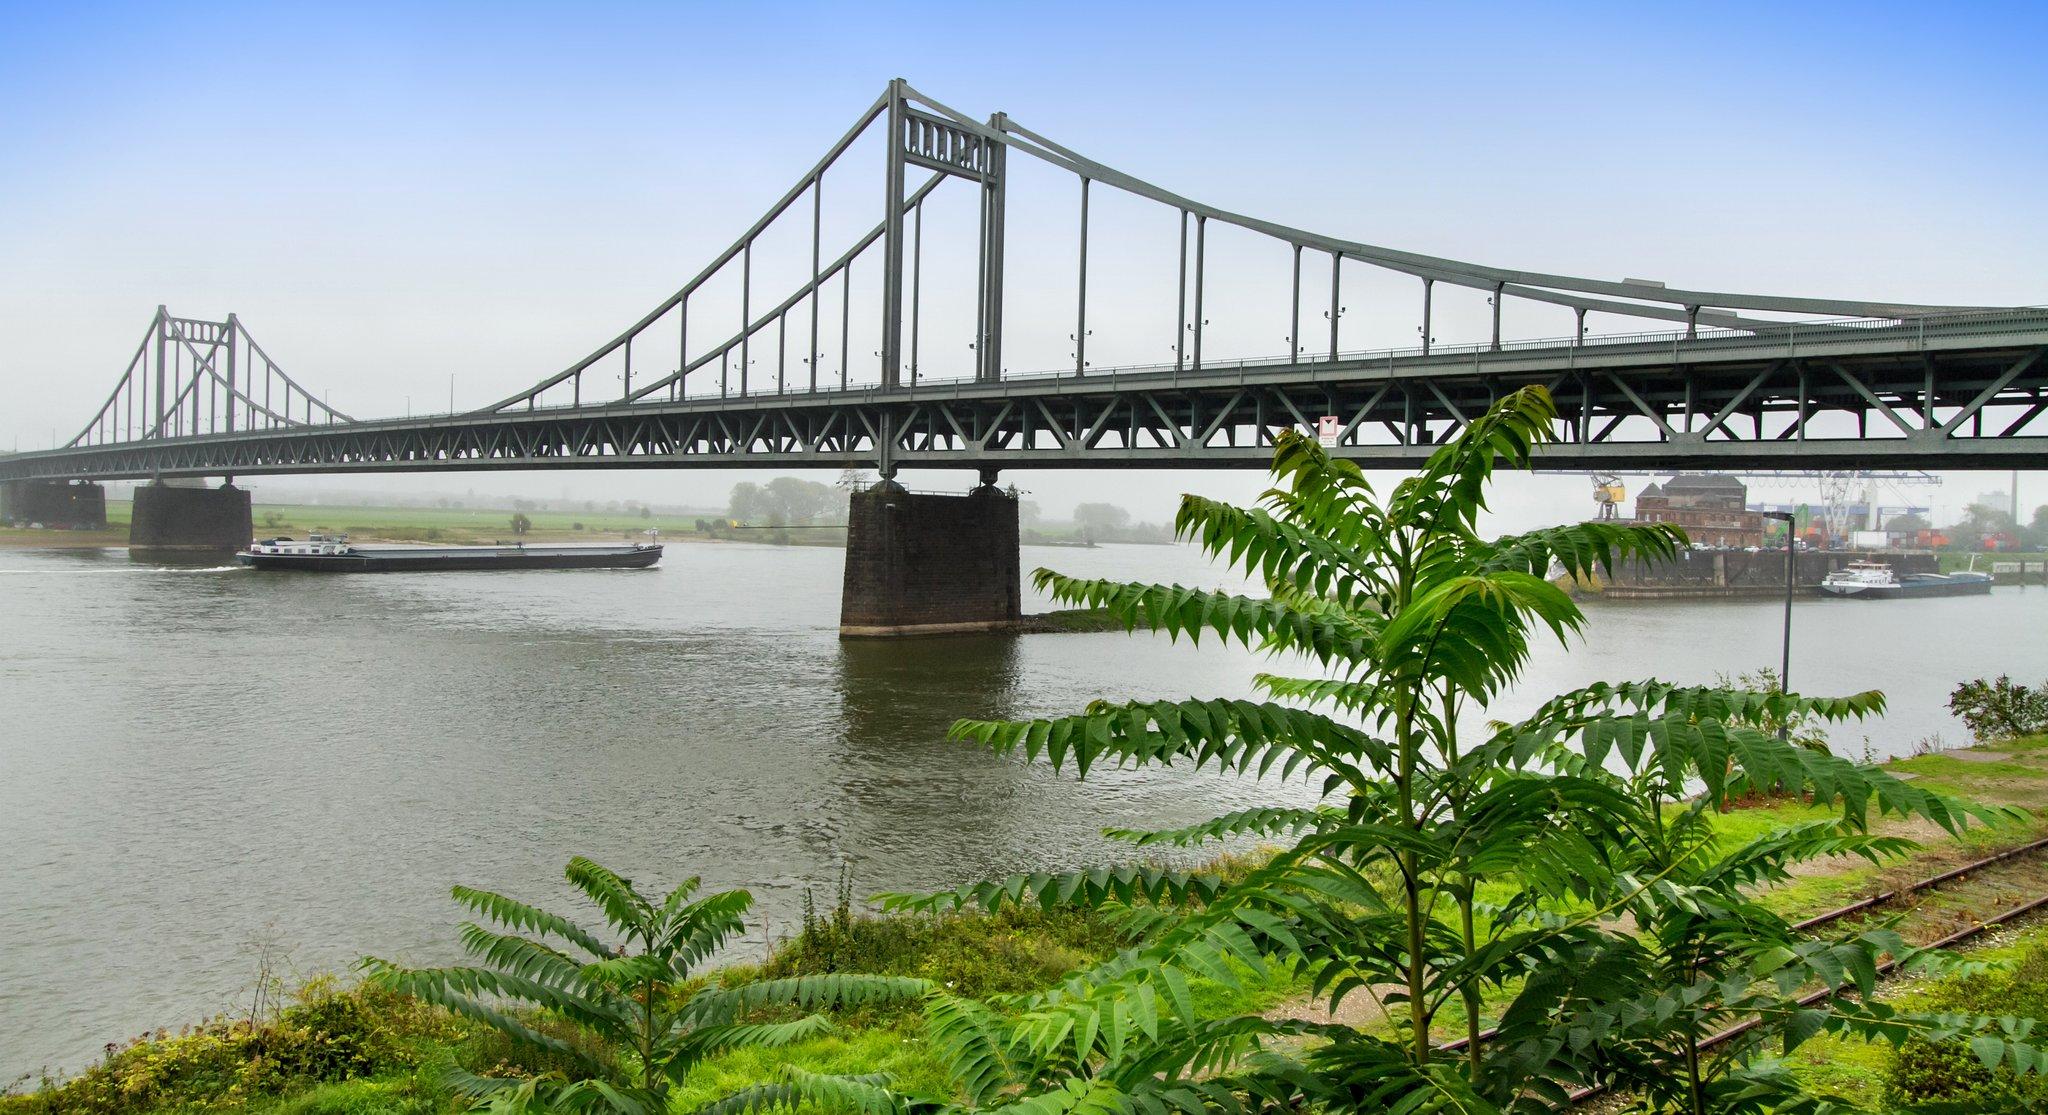 Straßen.NRW hat mit der Sanierung der Rheinbrücke Krefeld-Uerdingen begonnen: Acht Kolonnen vor Ort - Lokalkompass.de